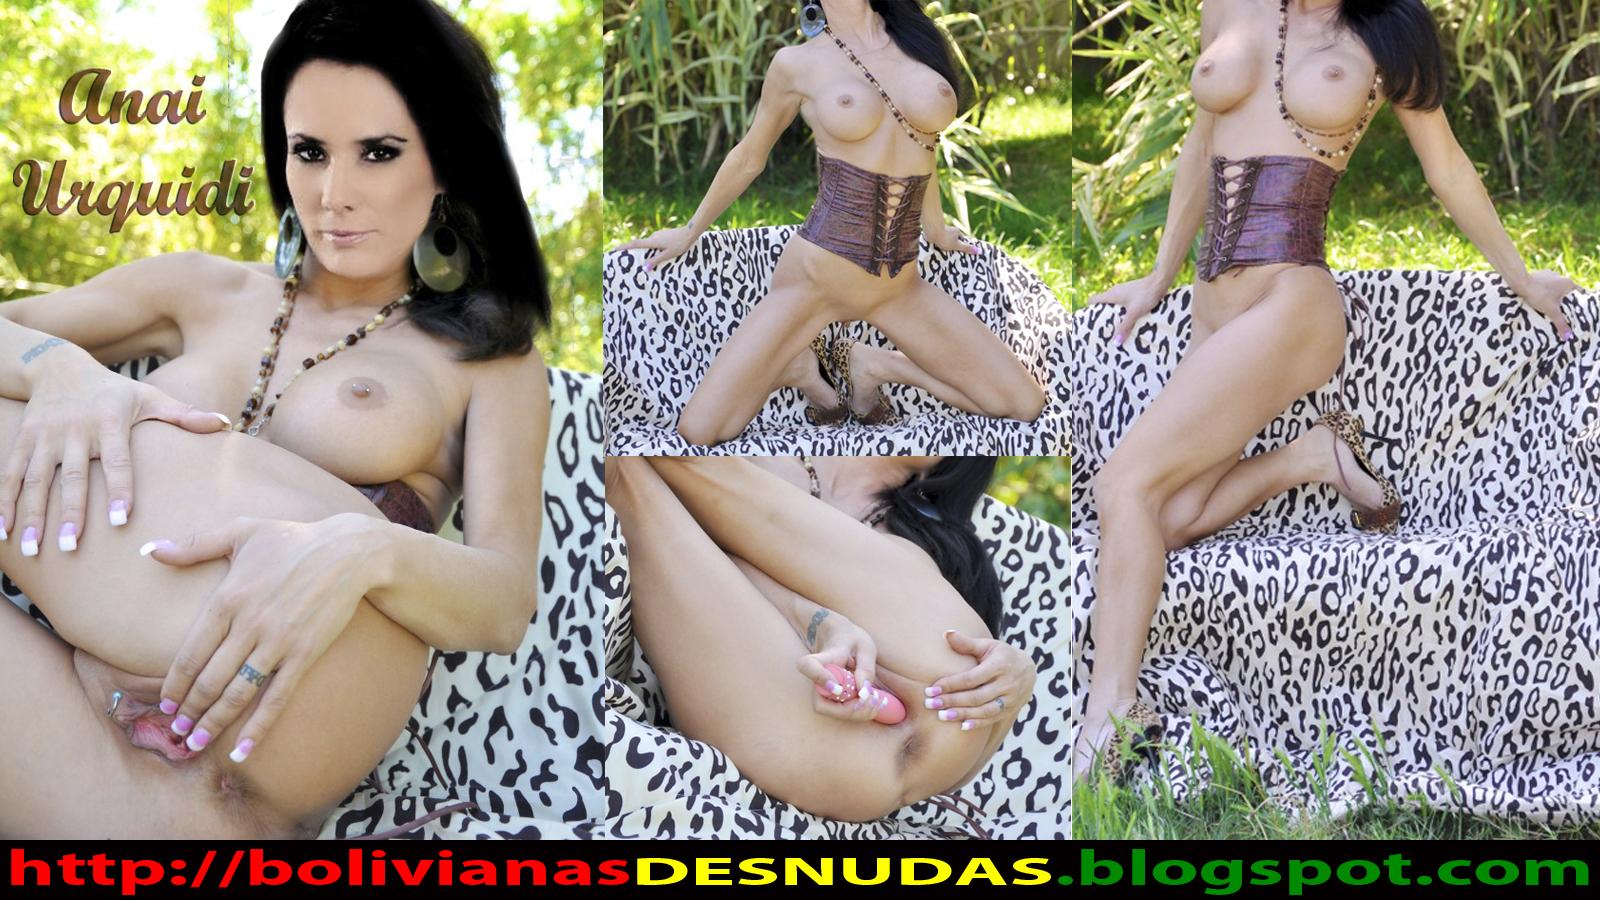 Bolivianas Famosas Desnudas Anai Urquidi Desnuda